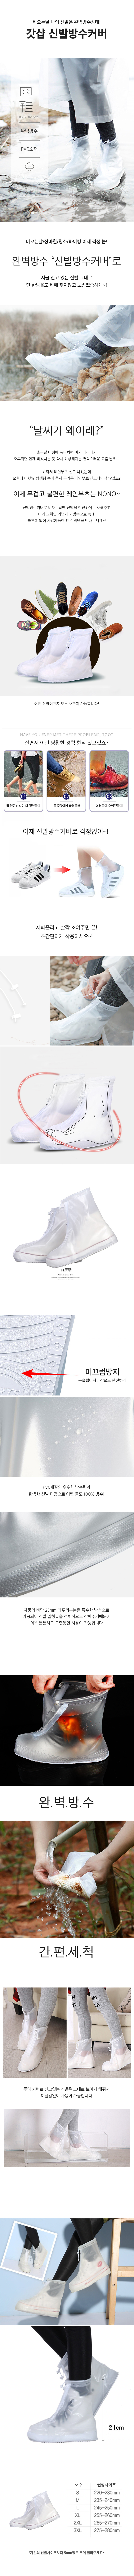 갓샵 신발방수커버 비오는날 방수 덮개 덧신 비닐 장화 - 갓샵, 4,900원, 레인/아쿠아슈즈, 아쿠아슈즈